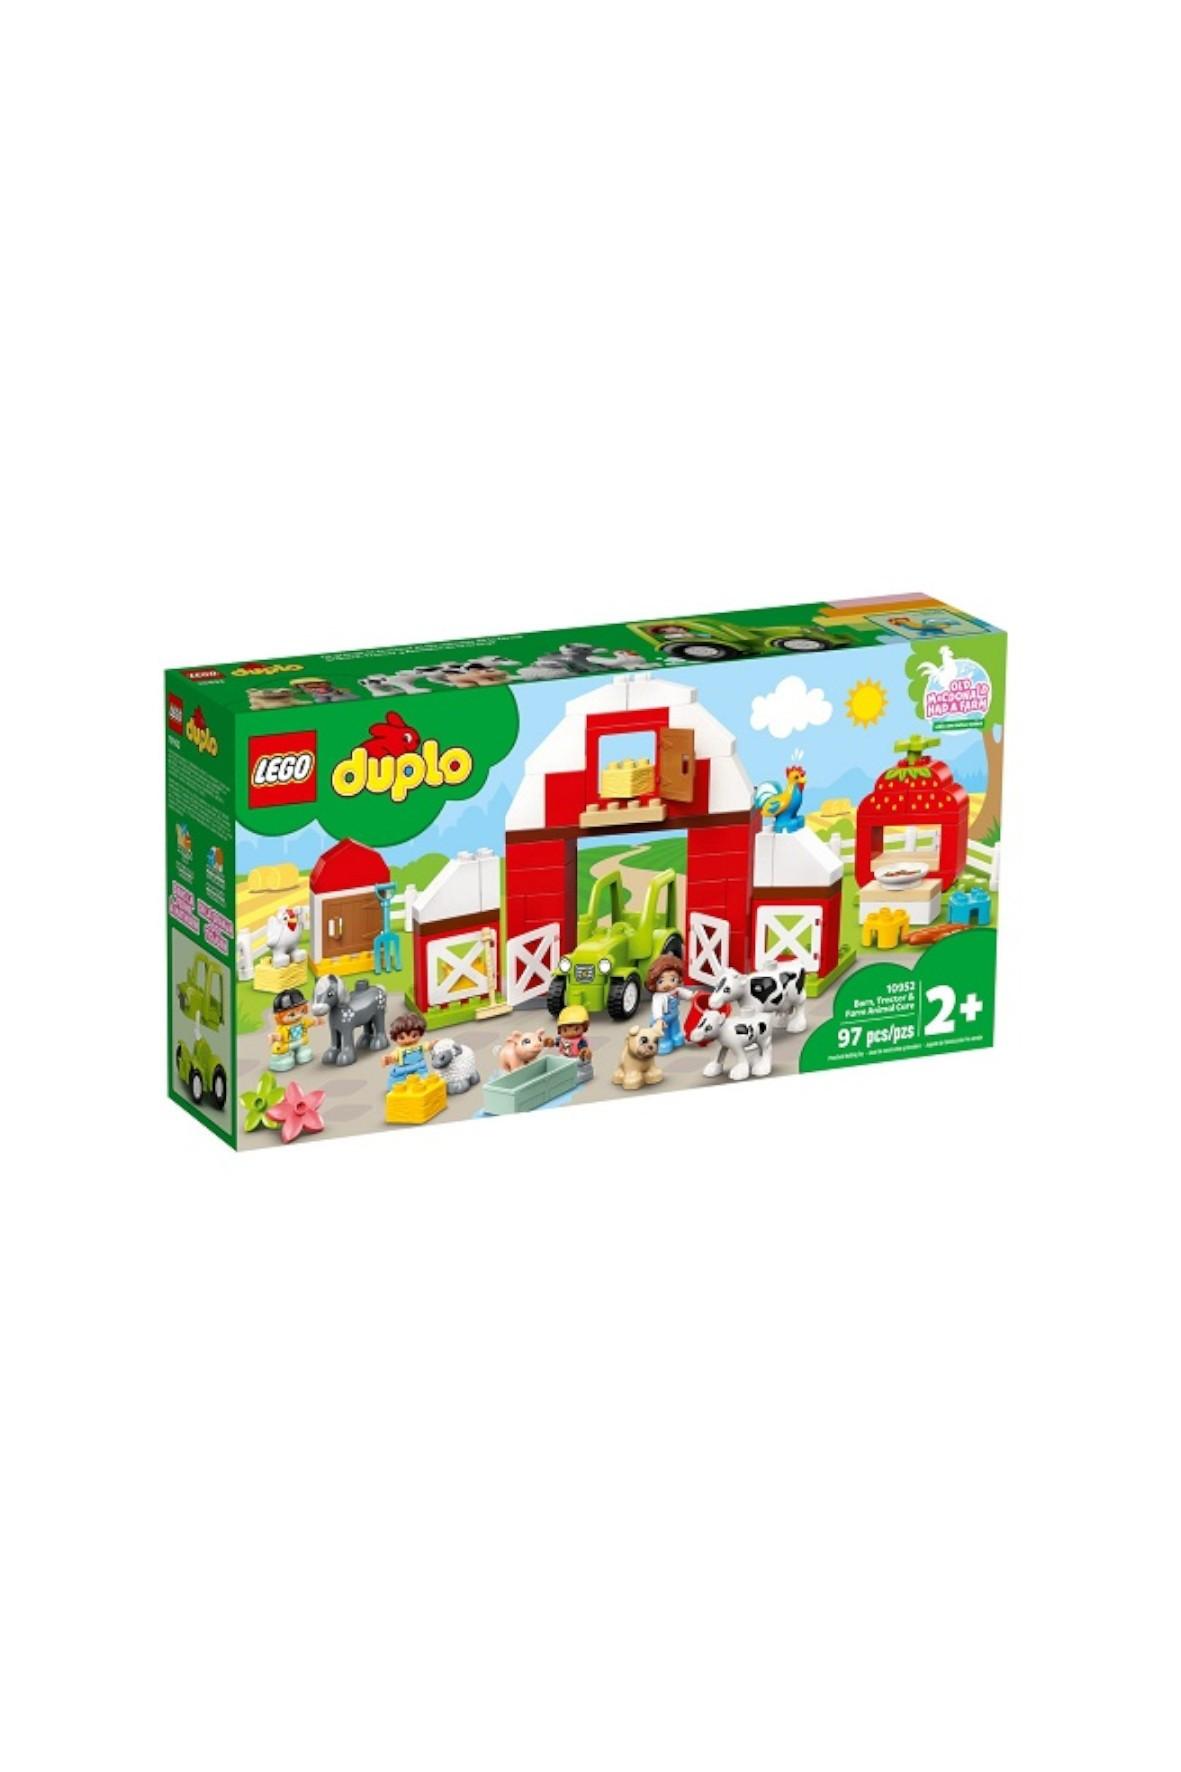 Lego Duplo - Stodoła, traktor i zwierzęta gospodarskie - 97 elementów